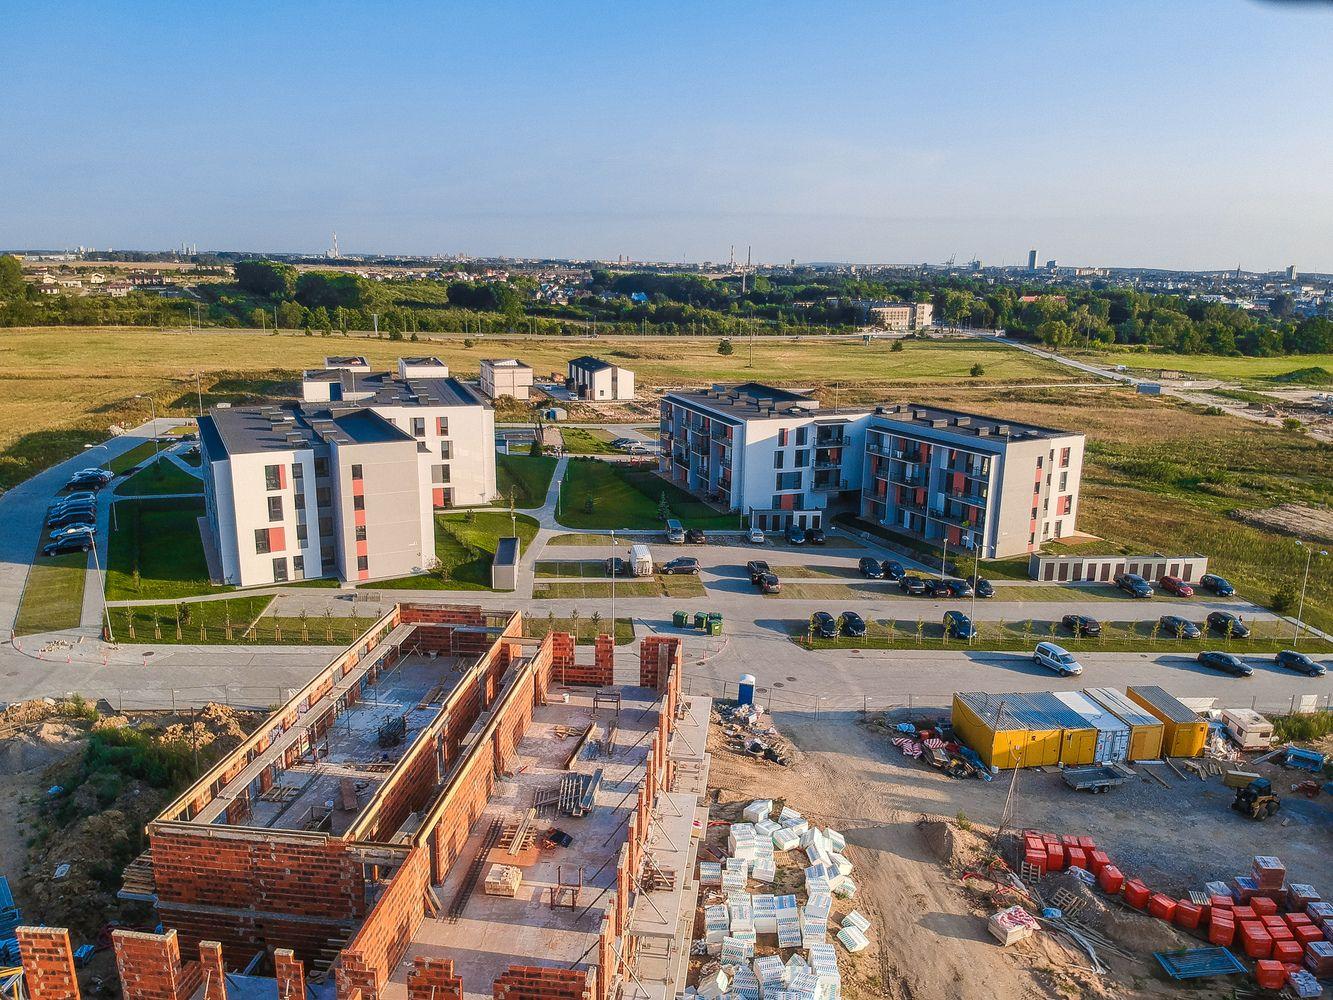 S. Štombergo butų projektas Klaipėdoje pasiteisino, o mieste laukiama rekordinės pasiūlos